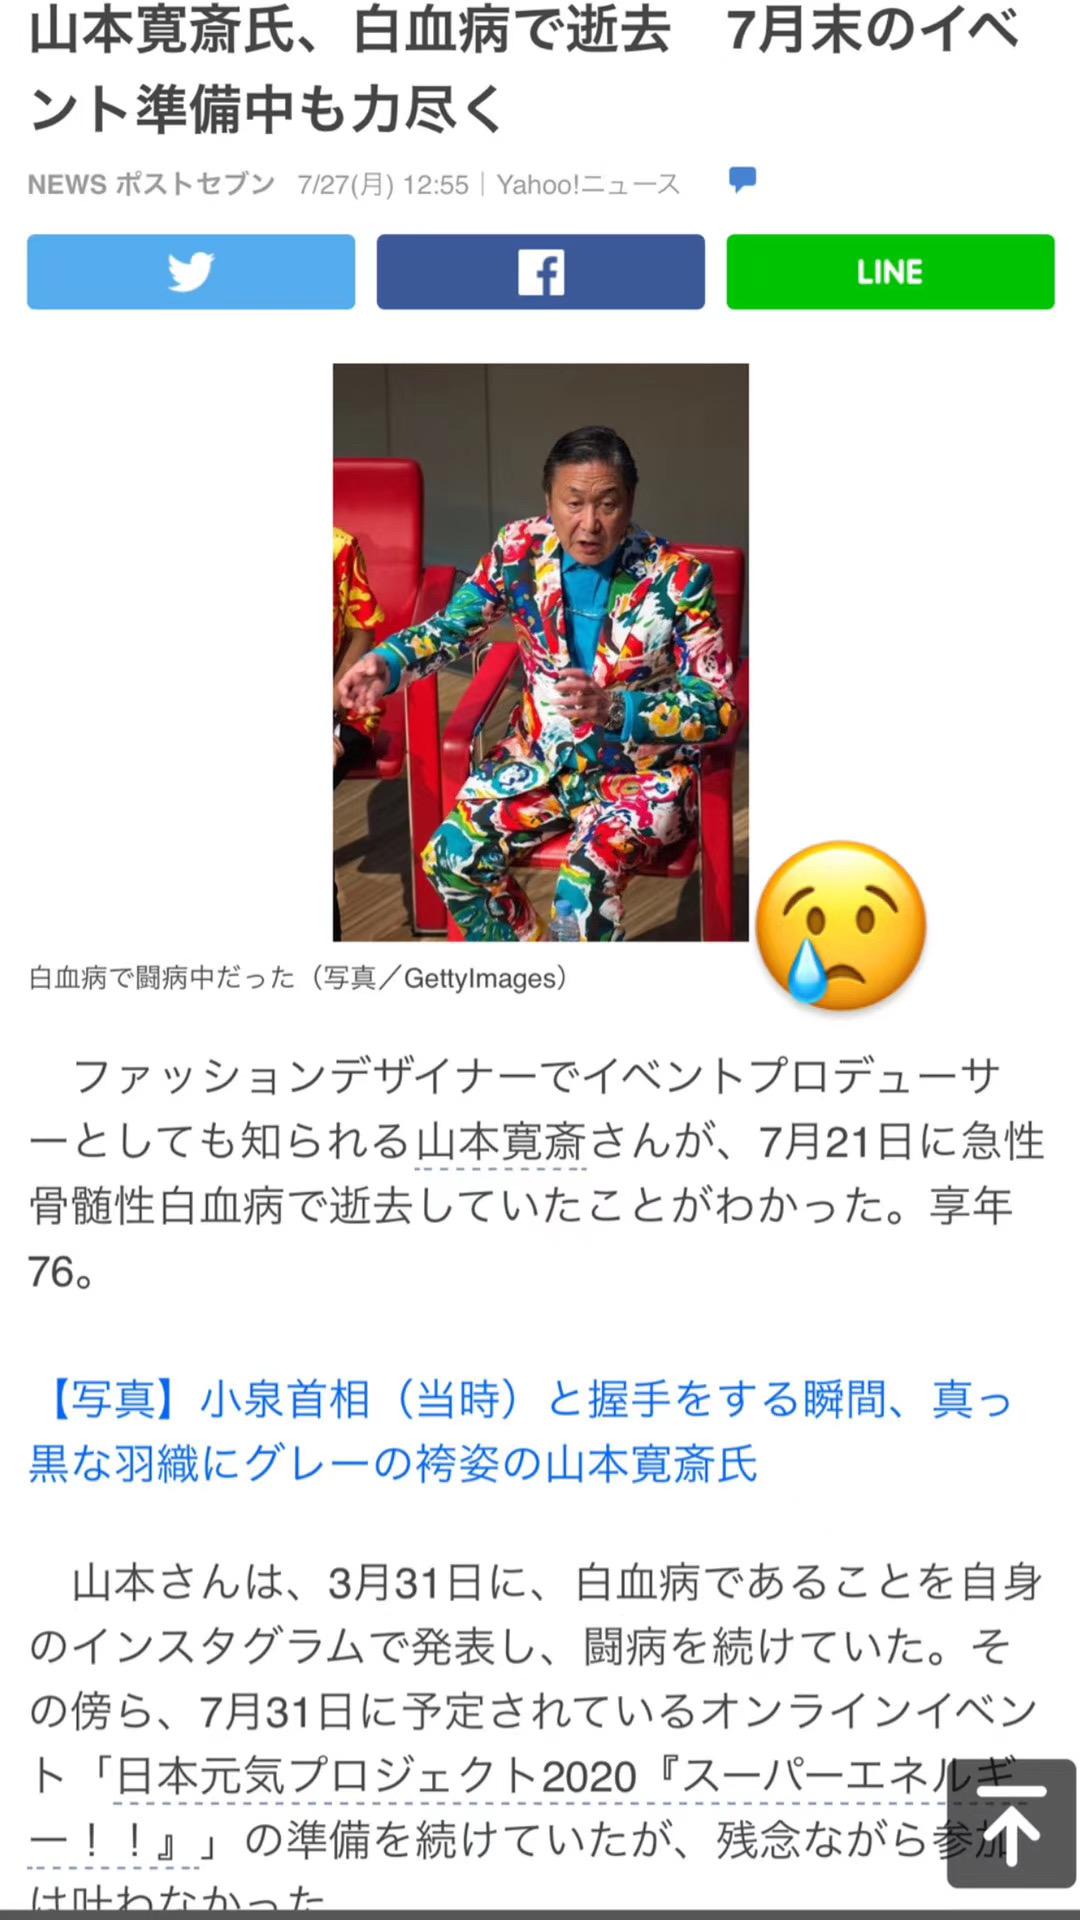 日本鬼才设计师山本宽斋病逝 享年76岁